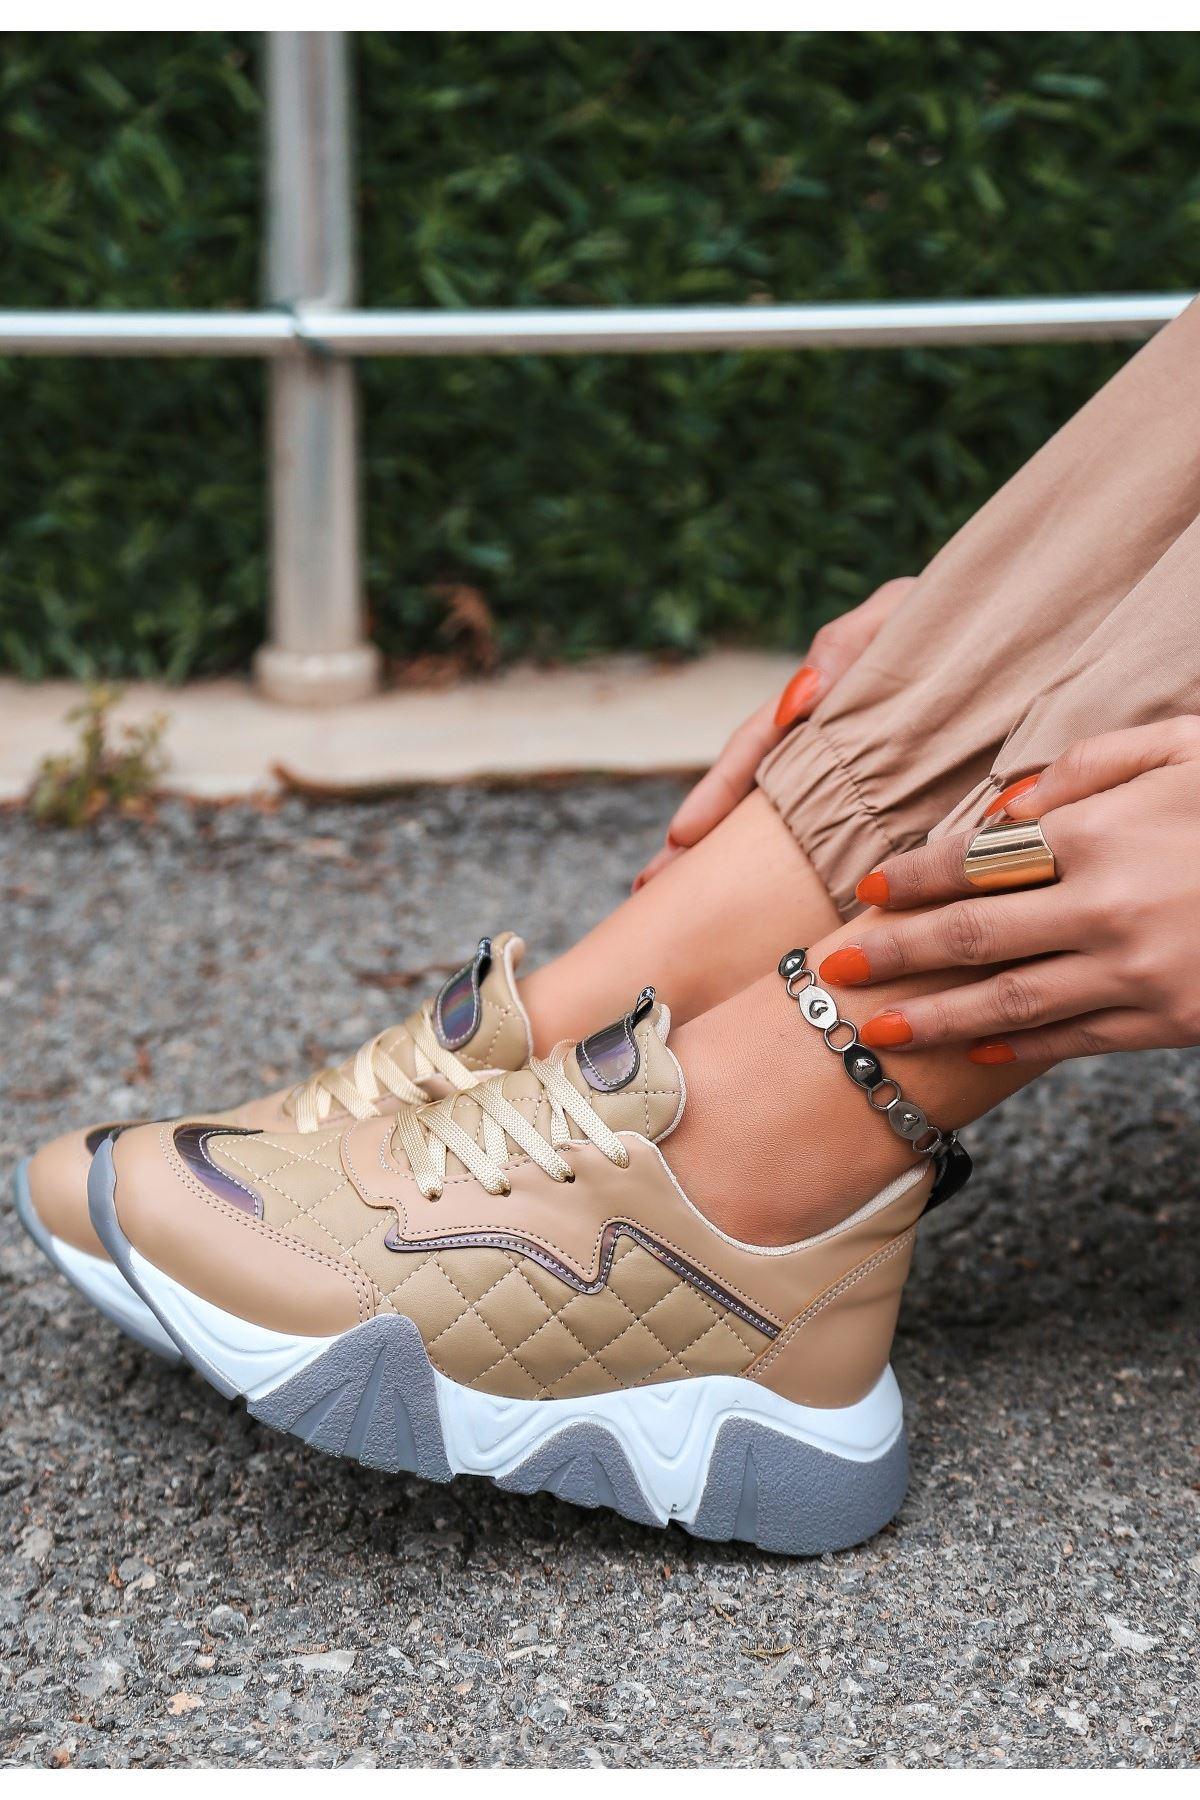 Renz Vizon Cilt Gri Tabanlı Spor Ayakkabı